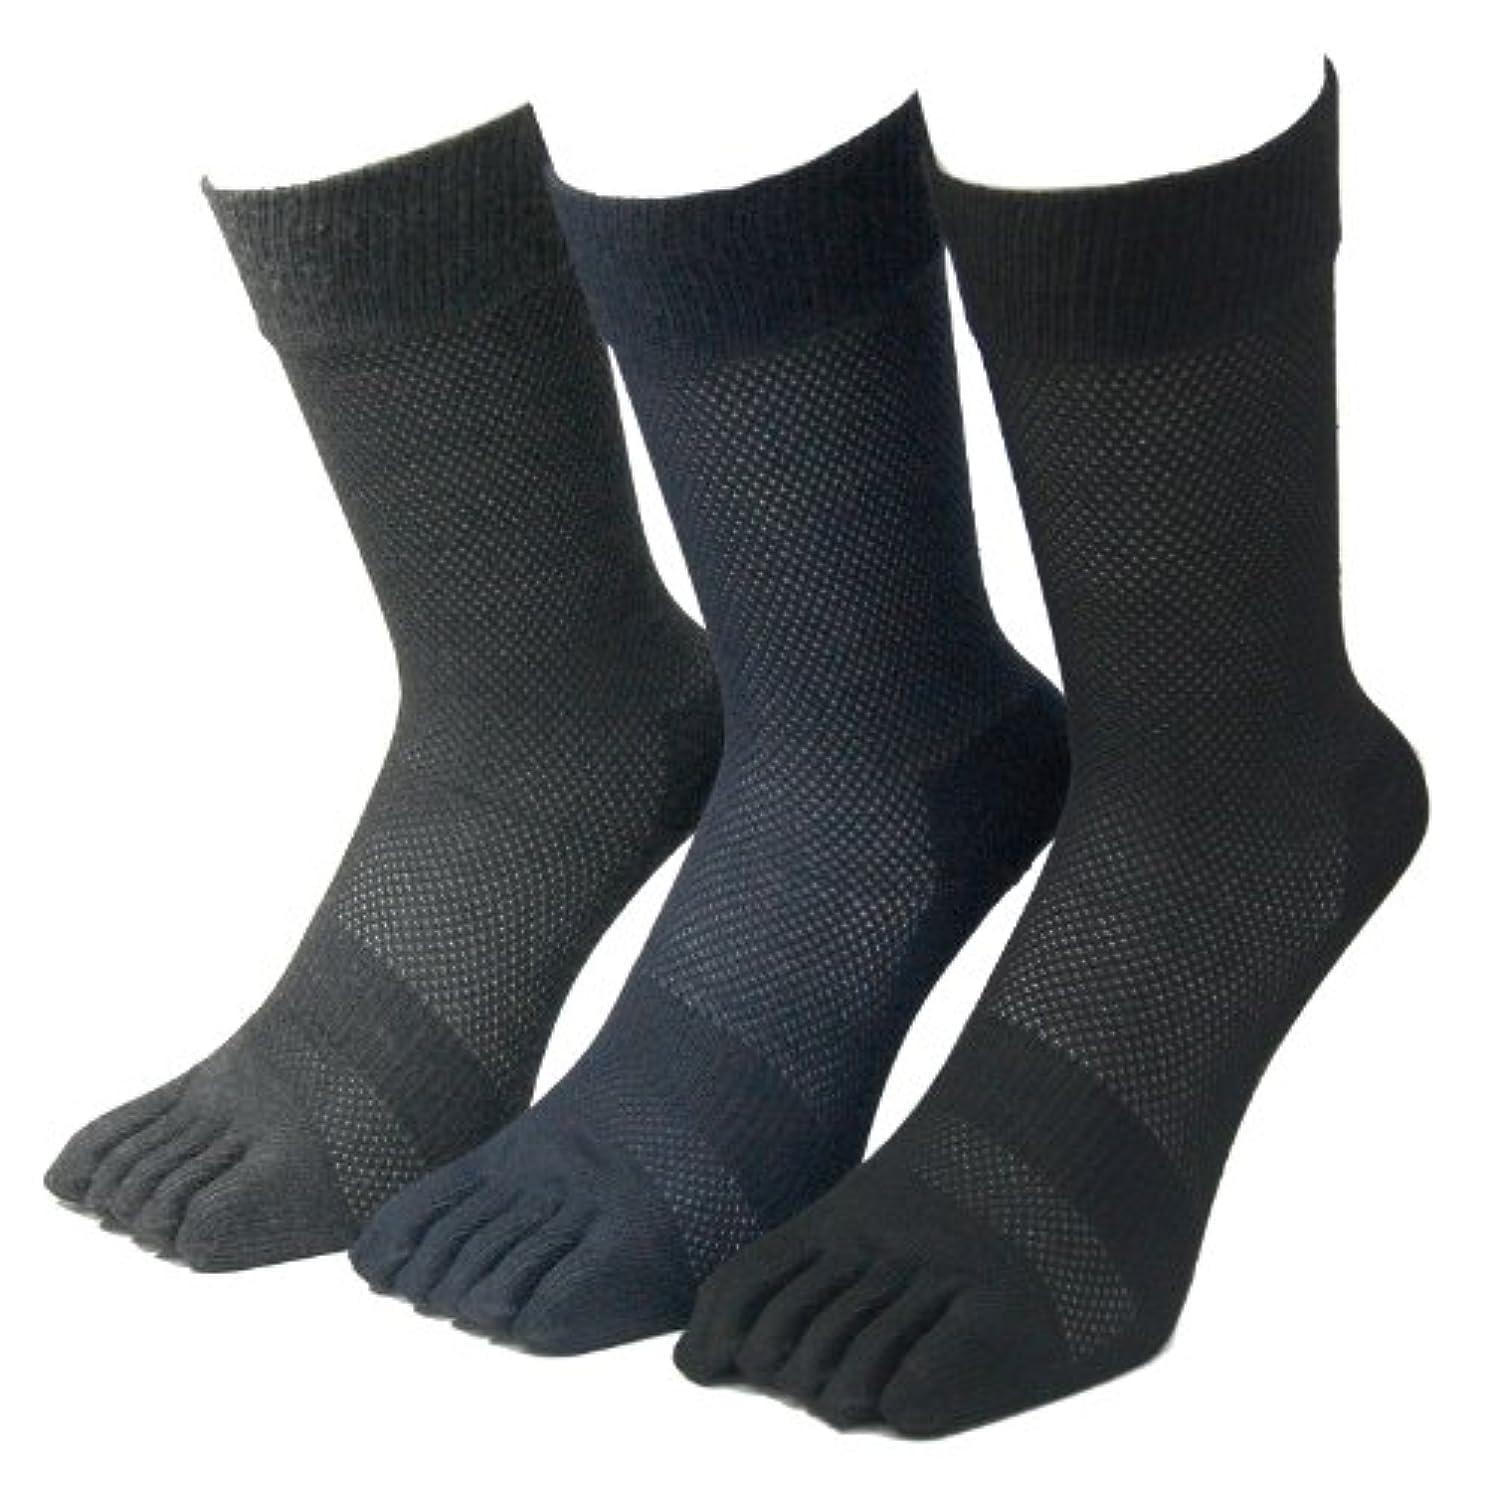 かけるおファーム銀マジック 抗菌消臭 五本指銀イオン靴下 メッシュ編 3色アソート 3足組 男性用 811